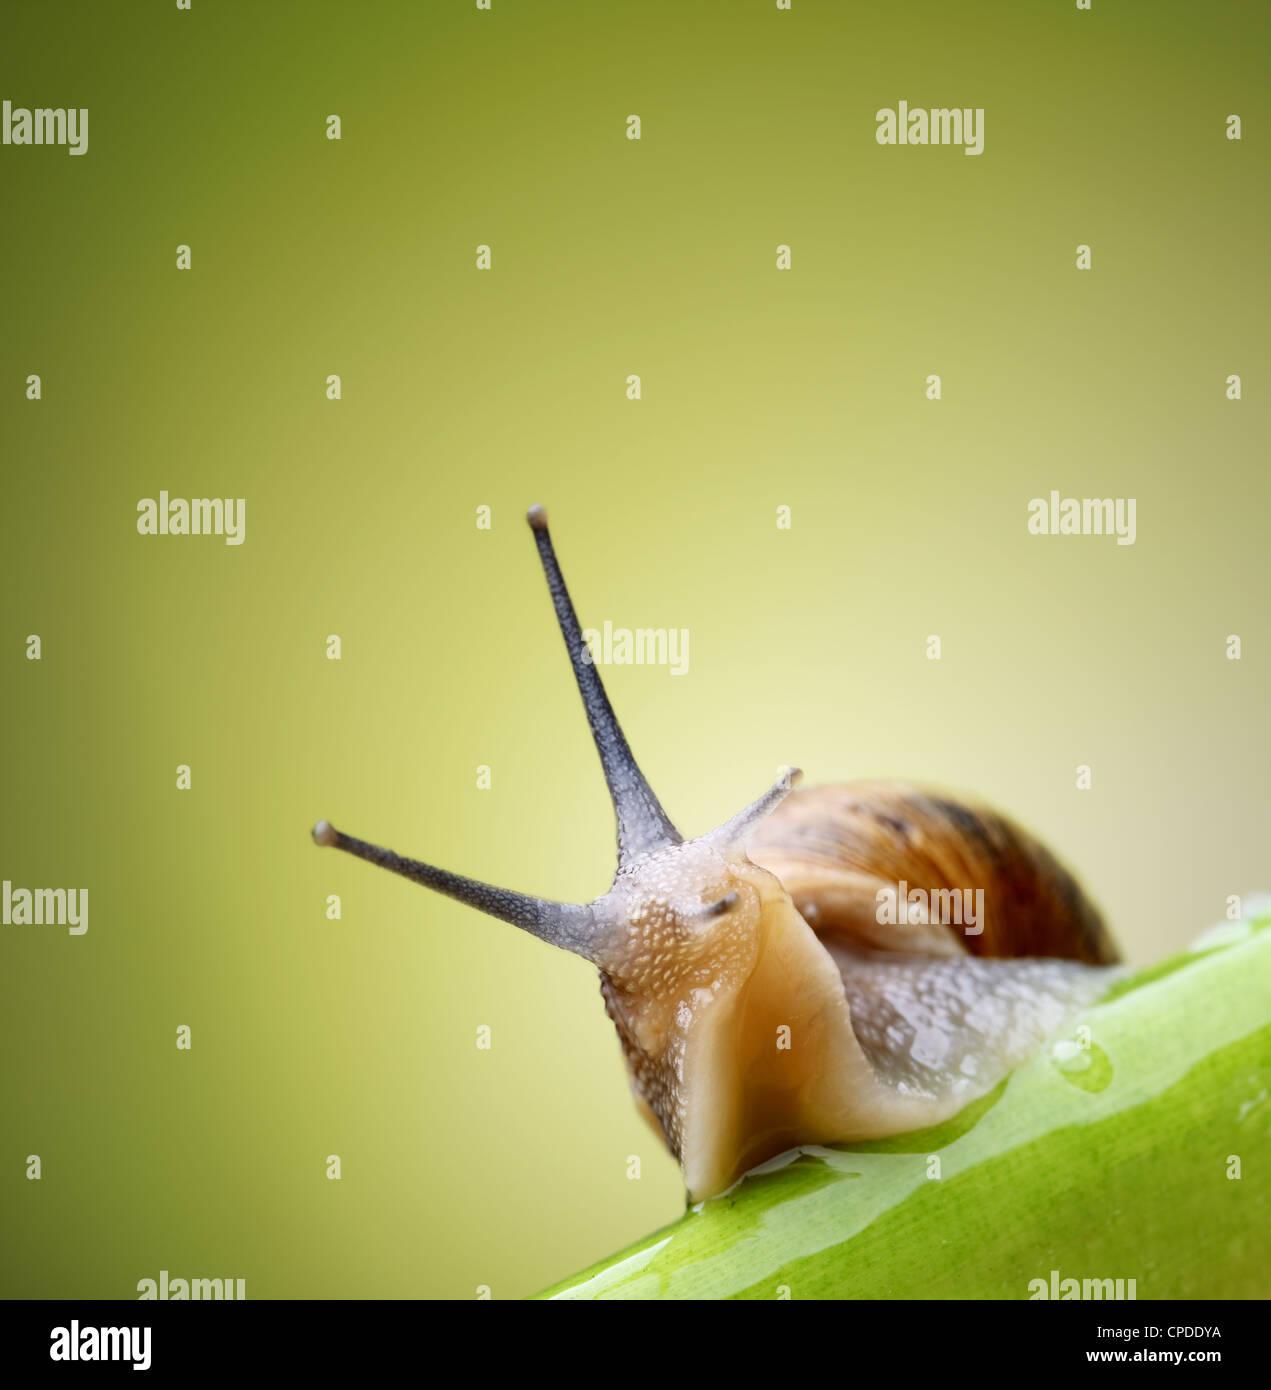 Giardino in comune va a passo di lumaca strisciando sul gambo verde della pianta Immagini Stock